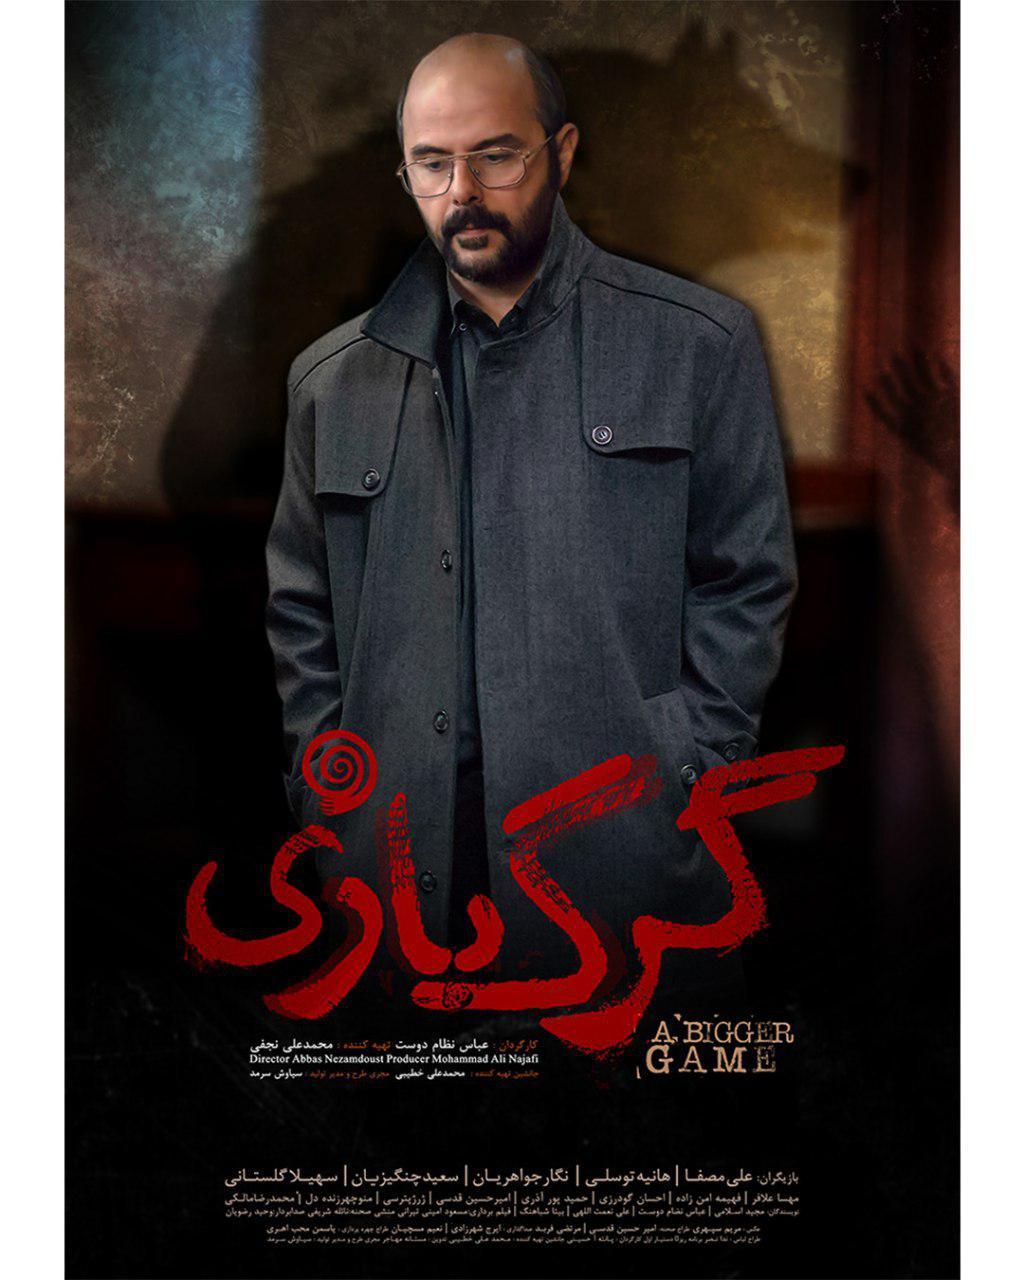 poster mosafa